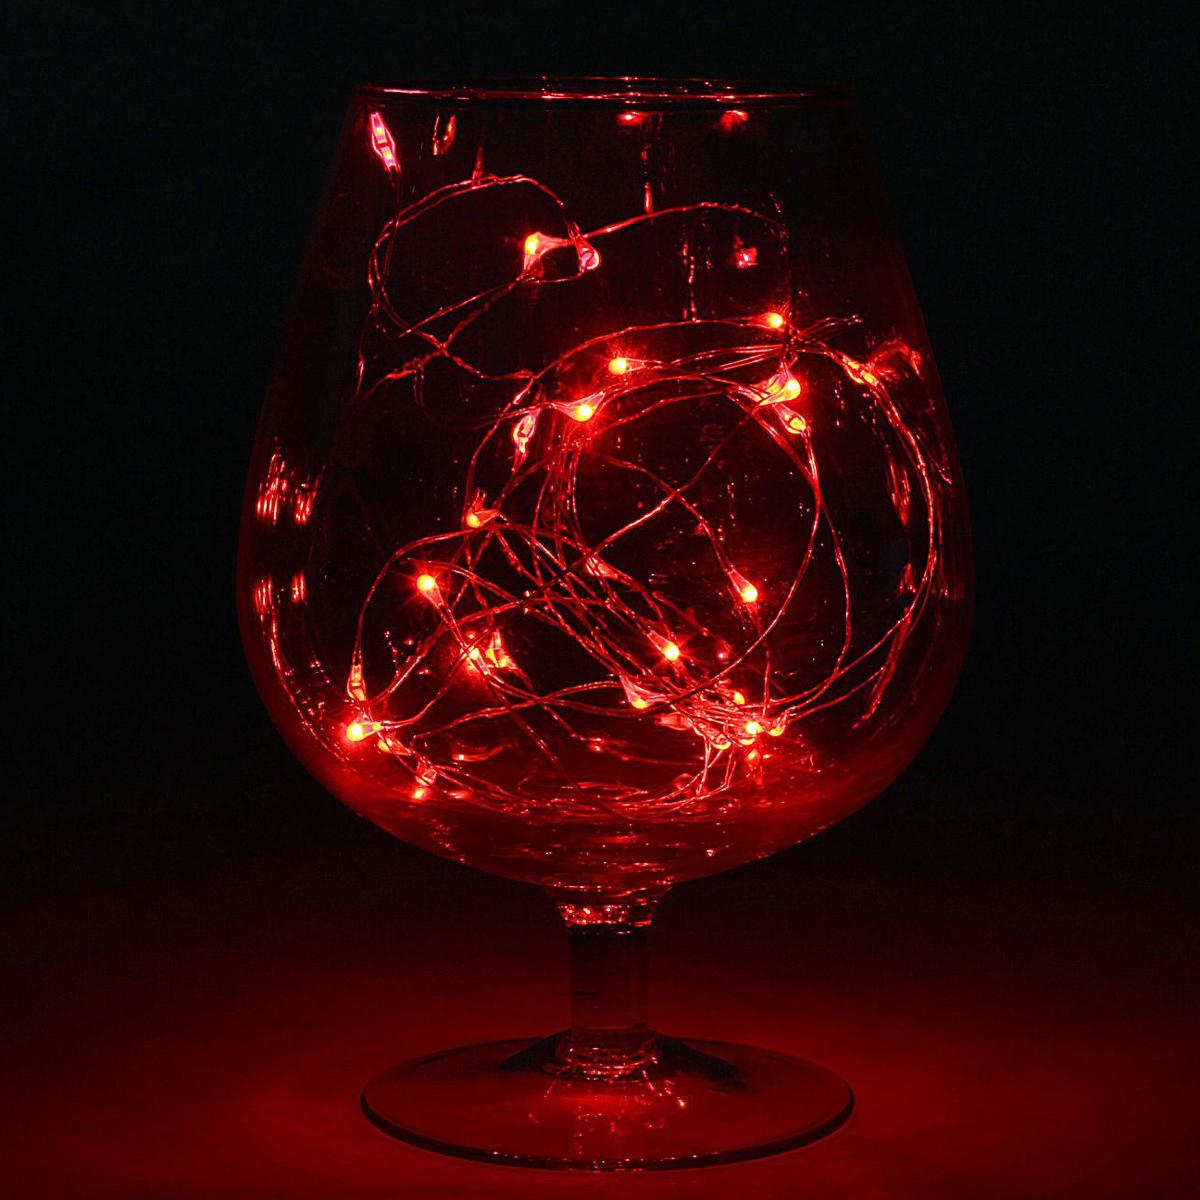 Гирлянда светодиодная Luazon Метраж. Капля росы, цвет: красный, 30 ламп, 2 режима, 3,6 V, длина 3 м1080590Светодиодные гирлянды и ленты — это отличный вариант для новогоднего оформления интерьера или фасада. С их помощью помещение любого размера можно превратить в праздничный зал, а внешние элементы зданий, украшенные ими, мгновенно станут напоминать очертания сказочного дворца. Такие украшения создают ауру предвкушения чуда. Деревья, фасады, витрины, окна и арки будто специально созданы, чтобы вы украсили их светящимися нитями.